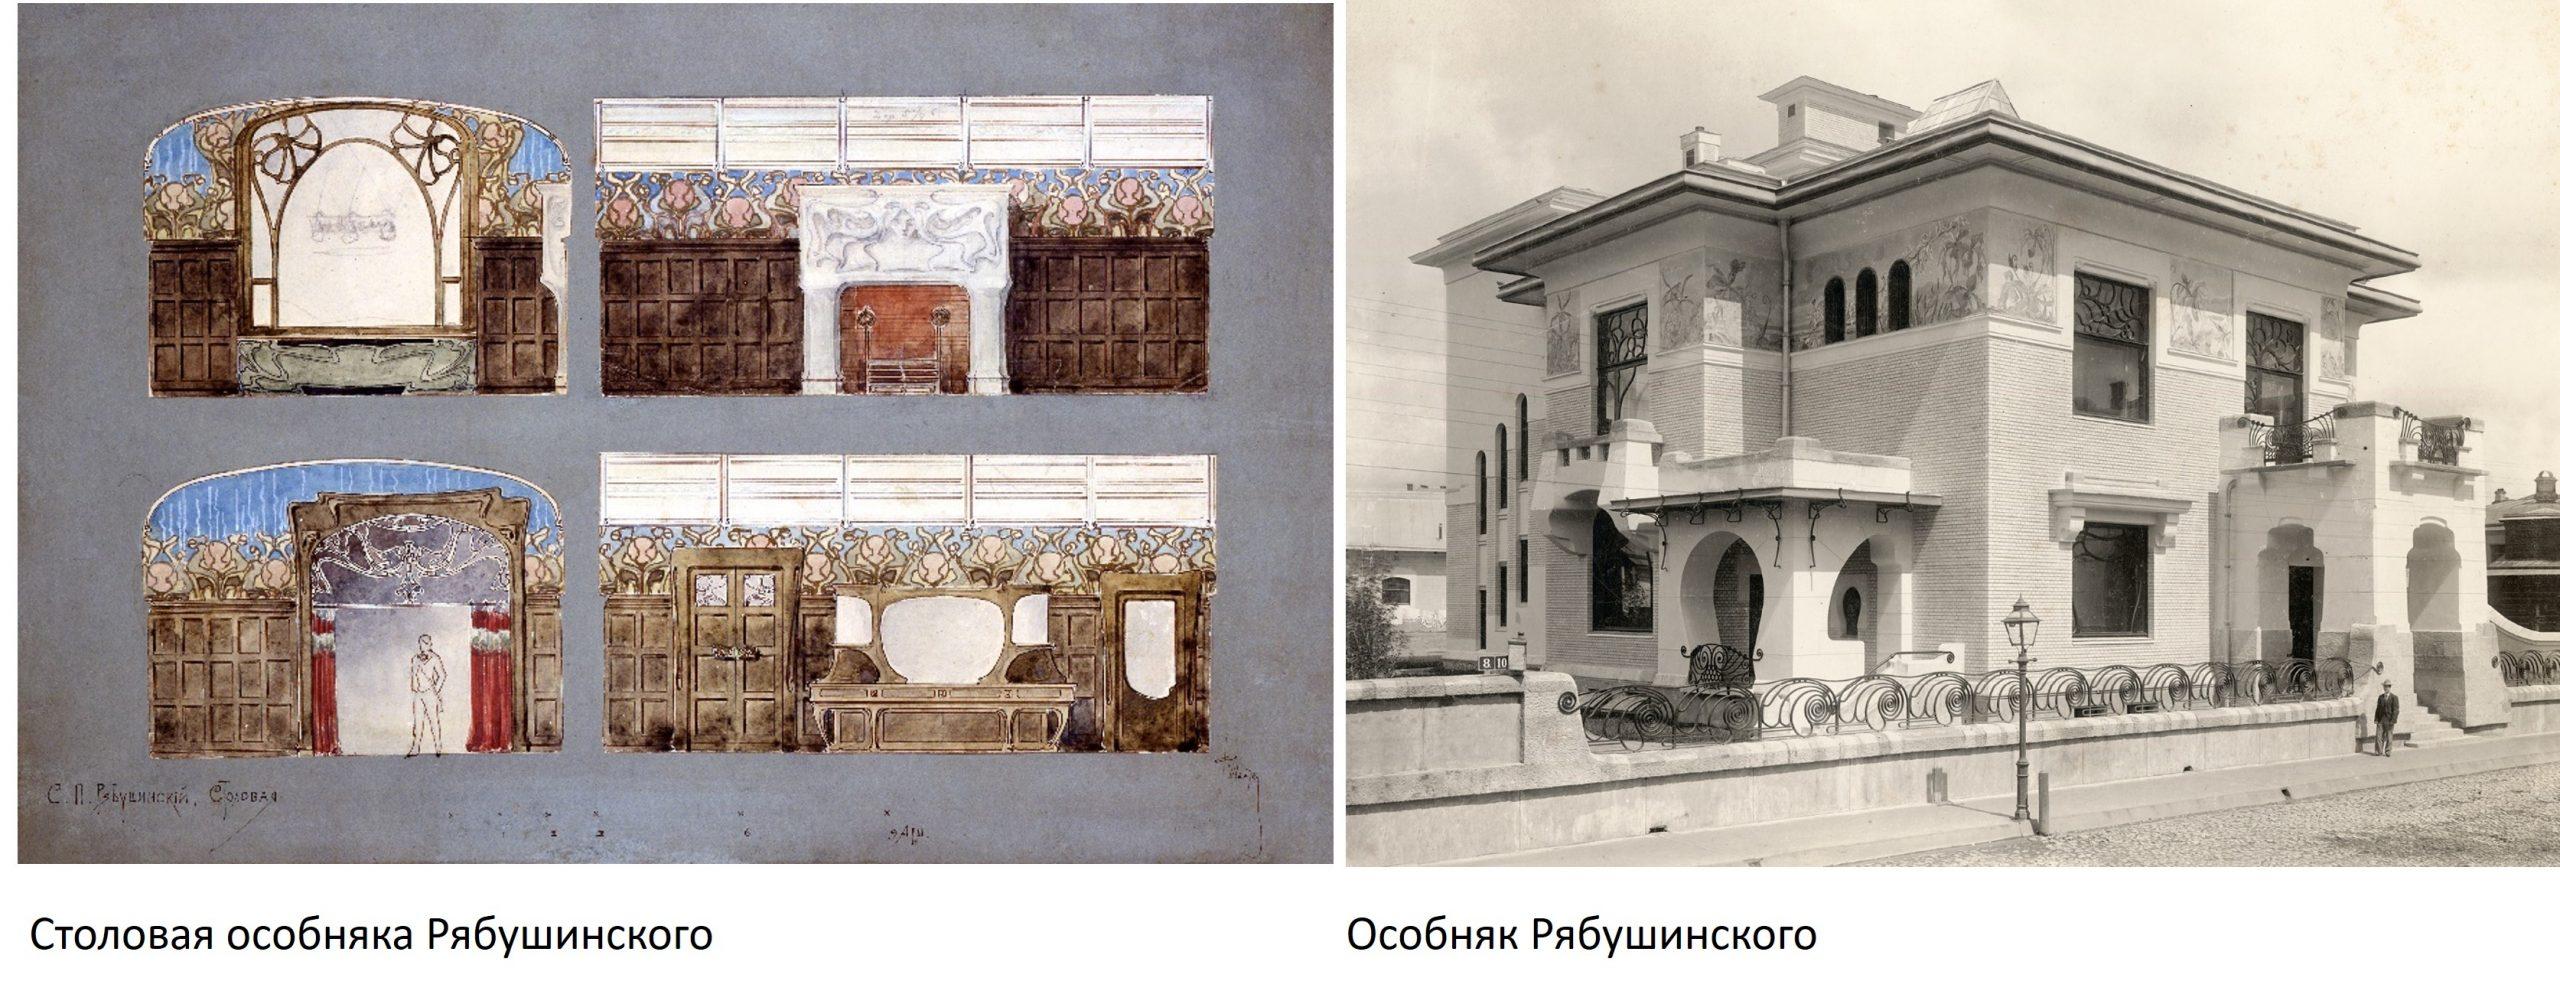 Столовая особняка Рябушинского. Особняк Рябушинского